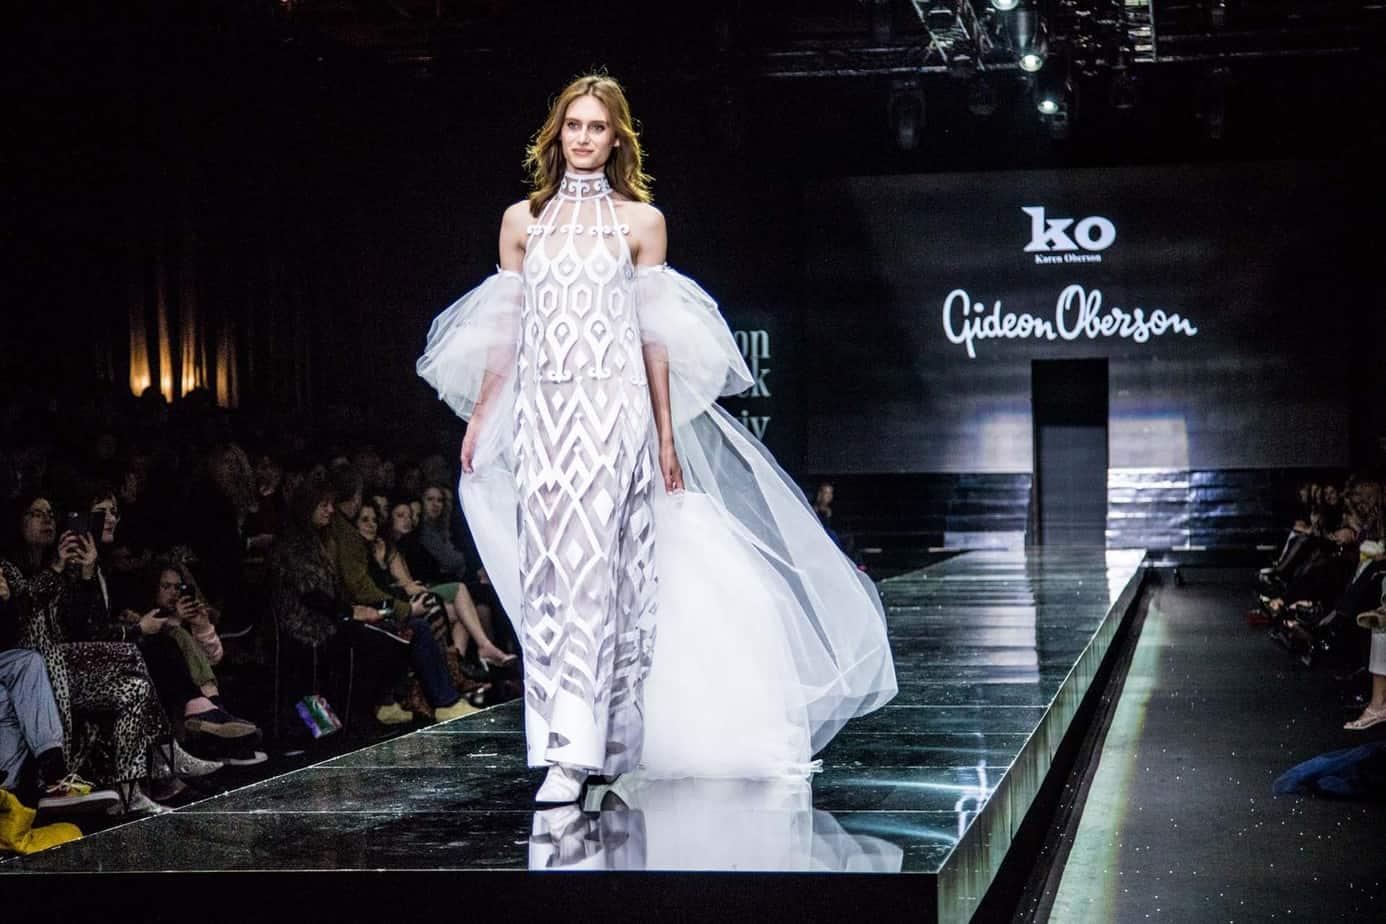 נועם פרוסט. גדעון אוברזון, שבוע האופנה תל אביב 2019, צילום אלכס פרגמנט - 18